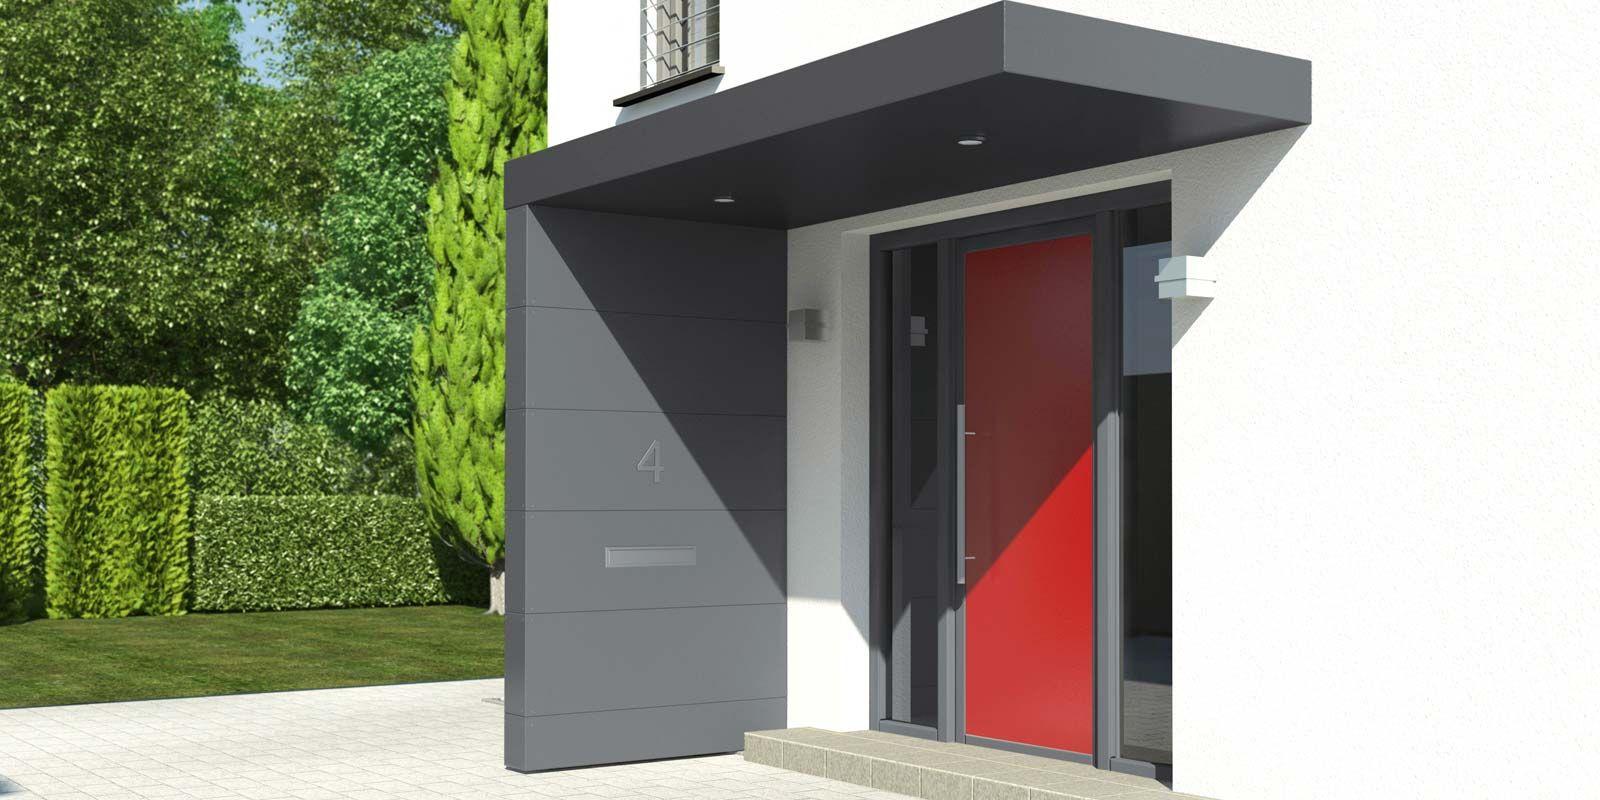 siebau eingangs berdachungen mit verkleidung aus fassadenplatten. Black Bedroom Furniture Sets. Home Design Ideas